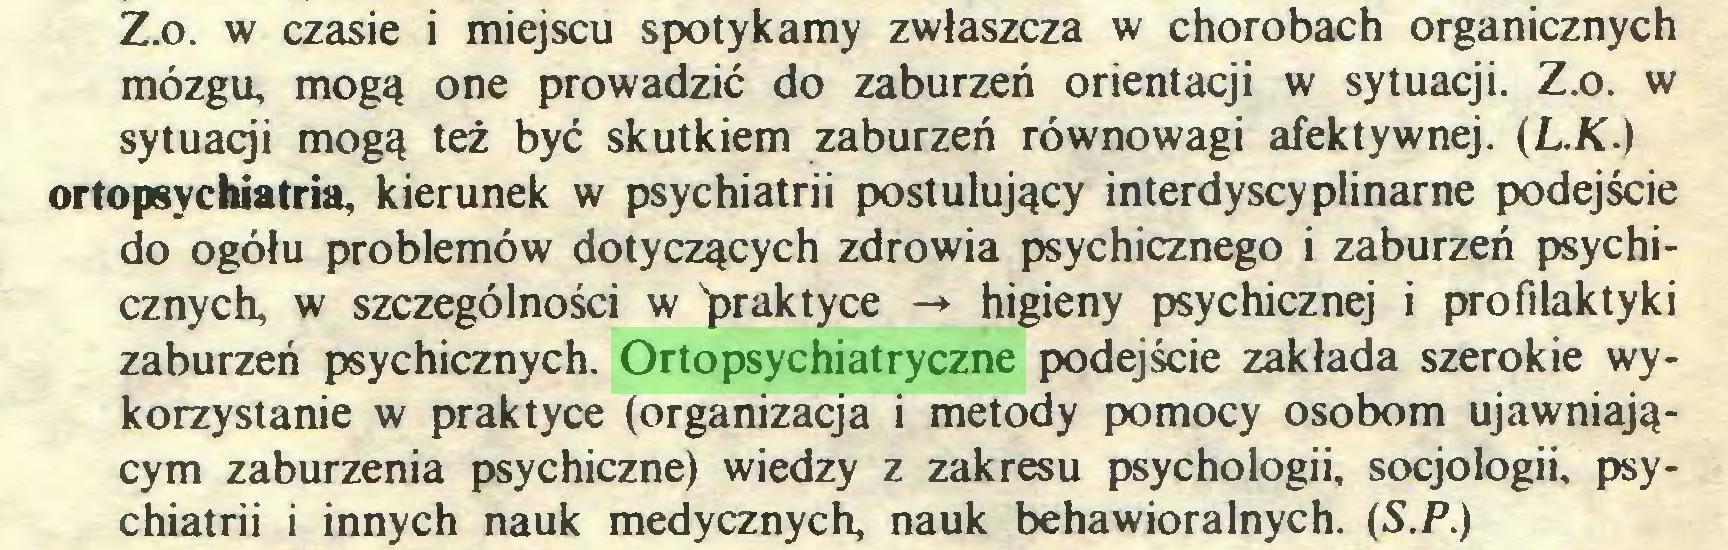 (...) Z.o. w czasie i miejscu spotykamy zwłaszcza w chorobach organicznych mózgu, mogą one prowadzić do zaburzeń orientacji w sytuacji. Z.o. w sytuacji mogą też być skutkiem zaburzeń równowagi afektywnej. (L.K.) ortopsychiatria, kierunek w psychiatrii postulujący interdyscyplinarne podejście do ogółu problemów dotyczących zdrowia psychicznego i zaburzeń psychicznych w szczególności w ^praktyce -* higieny psychicznej i profilaktyki zaburzeń psychicznych. Ortopsychiatryczne podejście zakłada szerokie wykorzystanie w praktyce (organizacja i metody pomocy osobom ujawniającym zaburzenia psychiczne) wiedzy z zakresu psychologii, socjologii, psychiatrii i innych nauk medycznych nauk behawioralnych. (S.P.)...